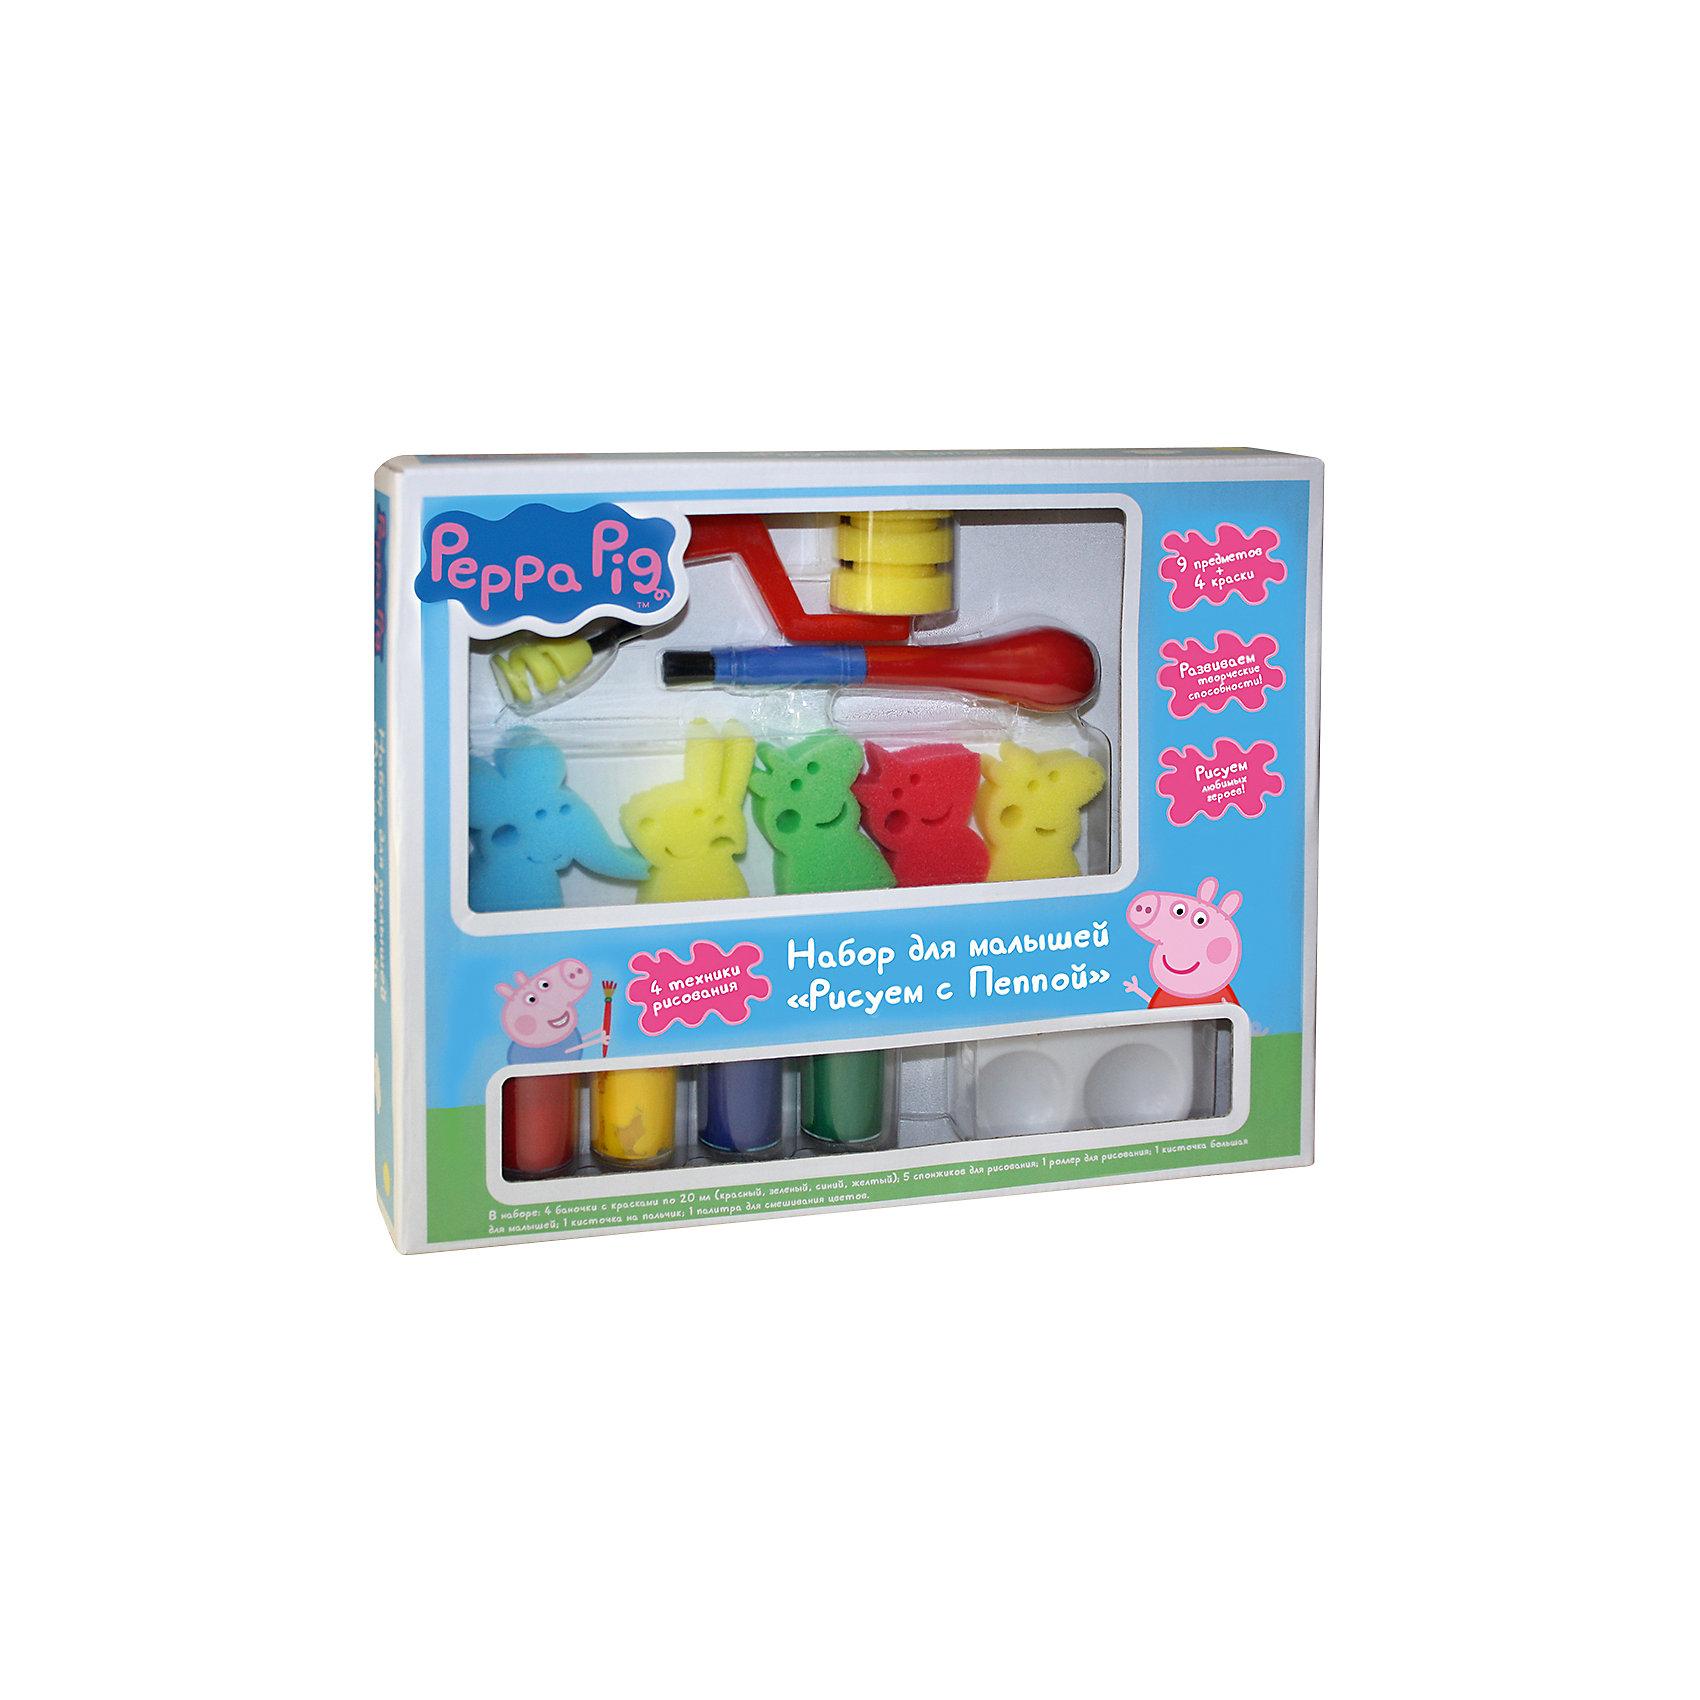 Набор для малышей Рисуем с Пеппой, Свинка ПеппаРисование<br>Характеристики товара:<br><br>- цвет: разноцветный;<br>- комплектация: гуашь – 4 баночки по 20 мл (красный, зеленый, синий, жёлтый), 5 нейлоновых спонжиков (в виде героев мульика), пальчиковая кисточка, большая кисточка, роллер для рисования, палитра на 4 цвета;<br>- размер упаковки: 30 х 24 х 4 см;<br>- упаковка: коробка.<br><br>Этот набор станет отличным подарком для ребенка. Он помогает развить художественные навыки и интересно провести время. В нем есть разноцветные краски и предметы для изображения фона, героев мультфильма и дополнения рисунка деталями. В итоге - яркая оригинальная картинка!<br>Рисование даже в юном возрасте помогает ребенку развивать зрительную память, концентрацию внимания, мелкую моторику и цветовосприятие. Издание произведено из качественных материалов, которые безопасны даже для самых маленьких.<br><br>Набор для малышей Рисуем с Пеппой от компании Росмэн можно купить в нашем интернет-магазине.<br><br>Ширина мм: 300<br>Глубина мм: 250<br>Высота мм: 45<br>Вес г: 340<br>Возраст от месяцев: 36<br>Возраст до месяцев: 72<br>Пол: Унисекс<br>Возраст: Детский<br>SKU: 5109795